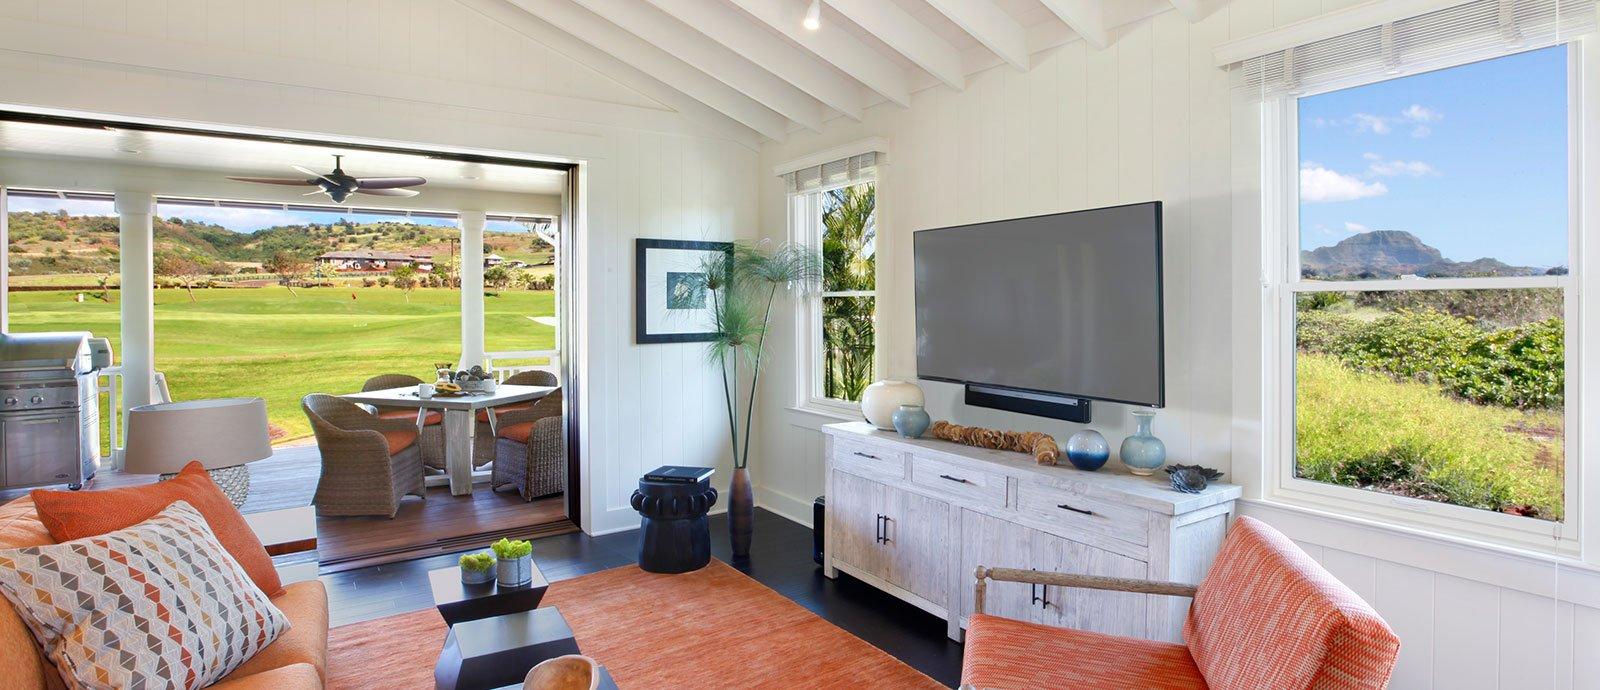 2 bedroom bungalow living room